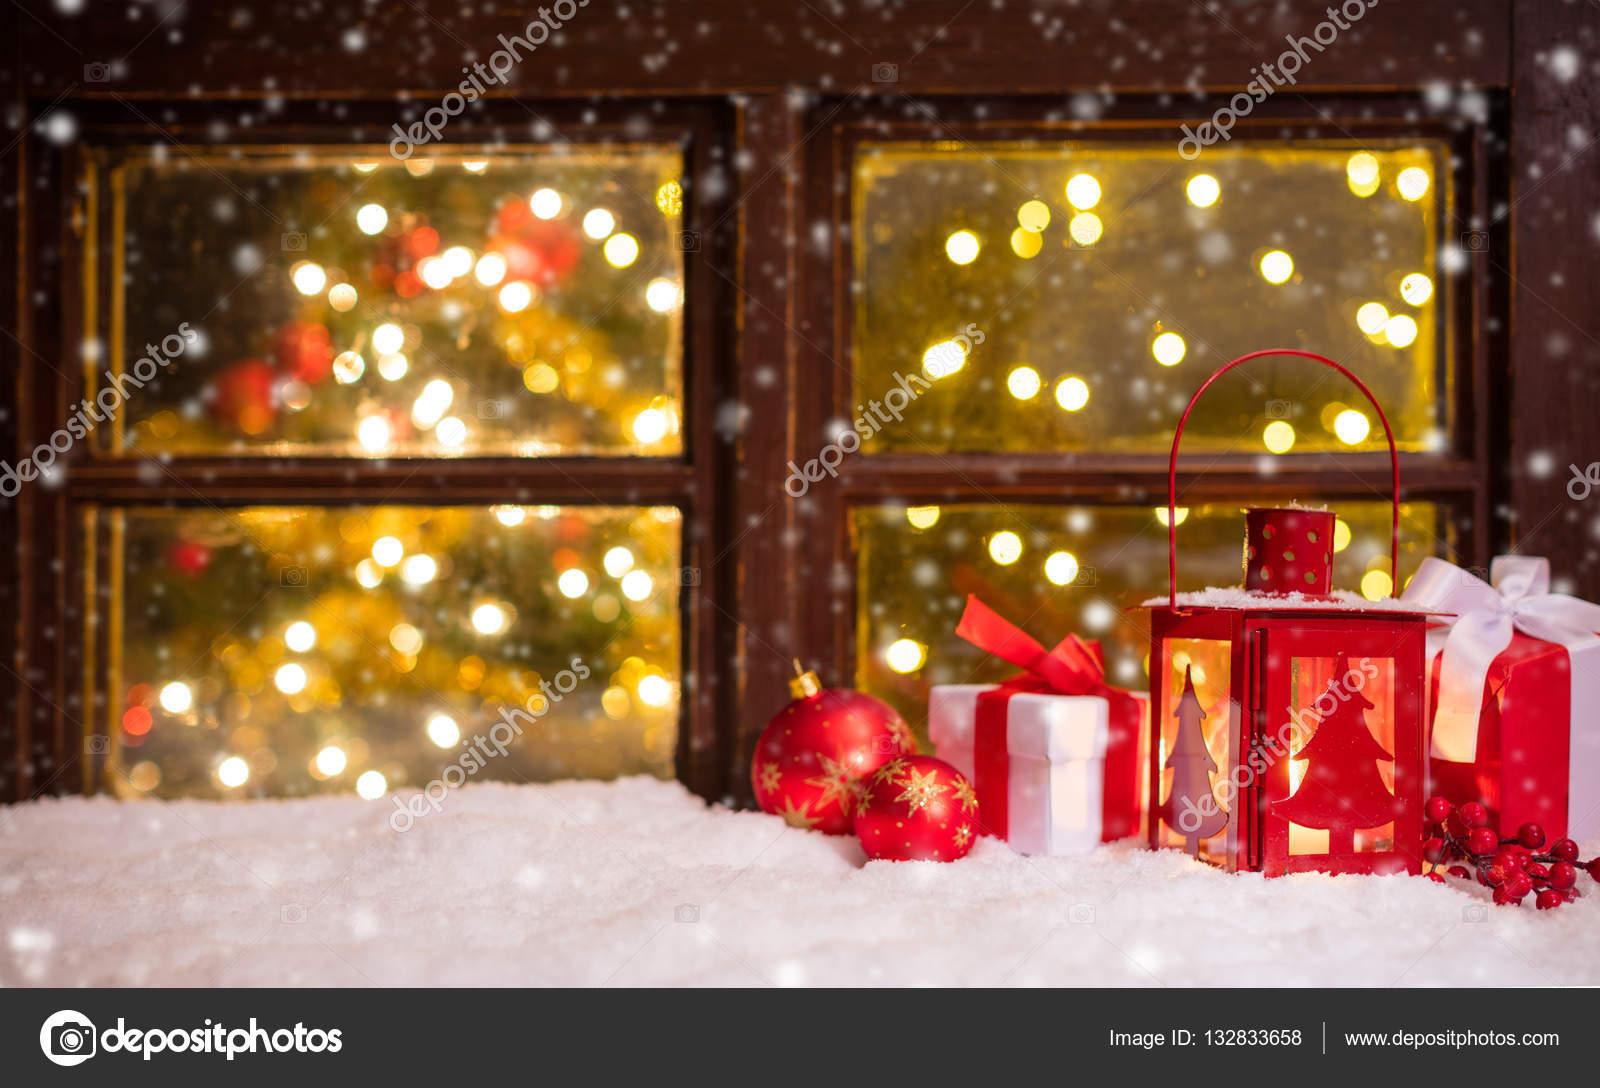 https://st3.depositphotos.com/1105977/13283/i/1600/depositphotos_132833658-stockafbeelding-sfeervolle-kerst-vensterbank-met-decoratie.jpg